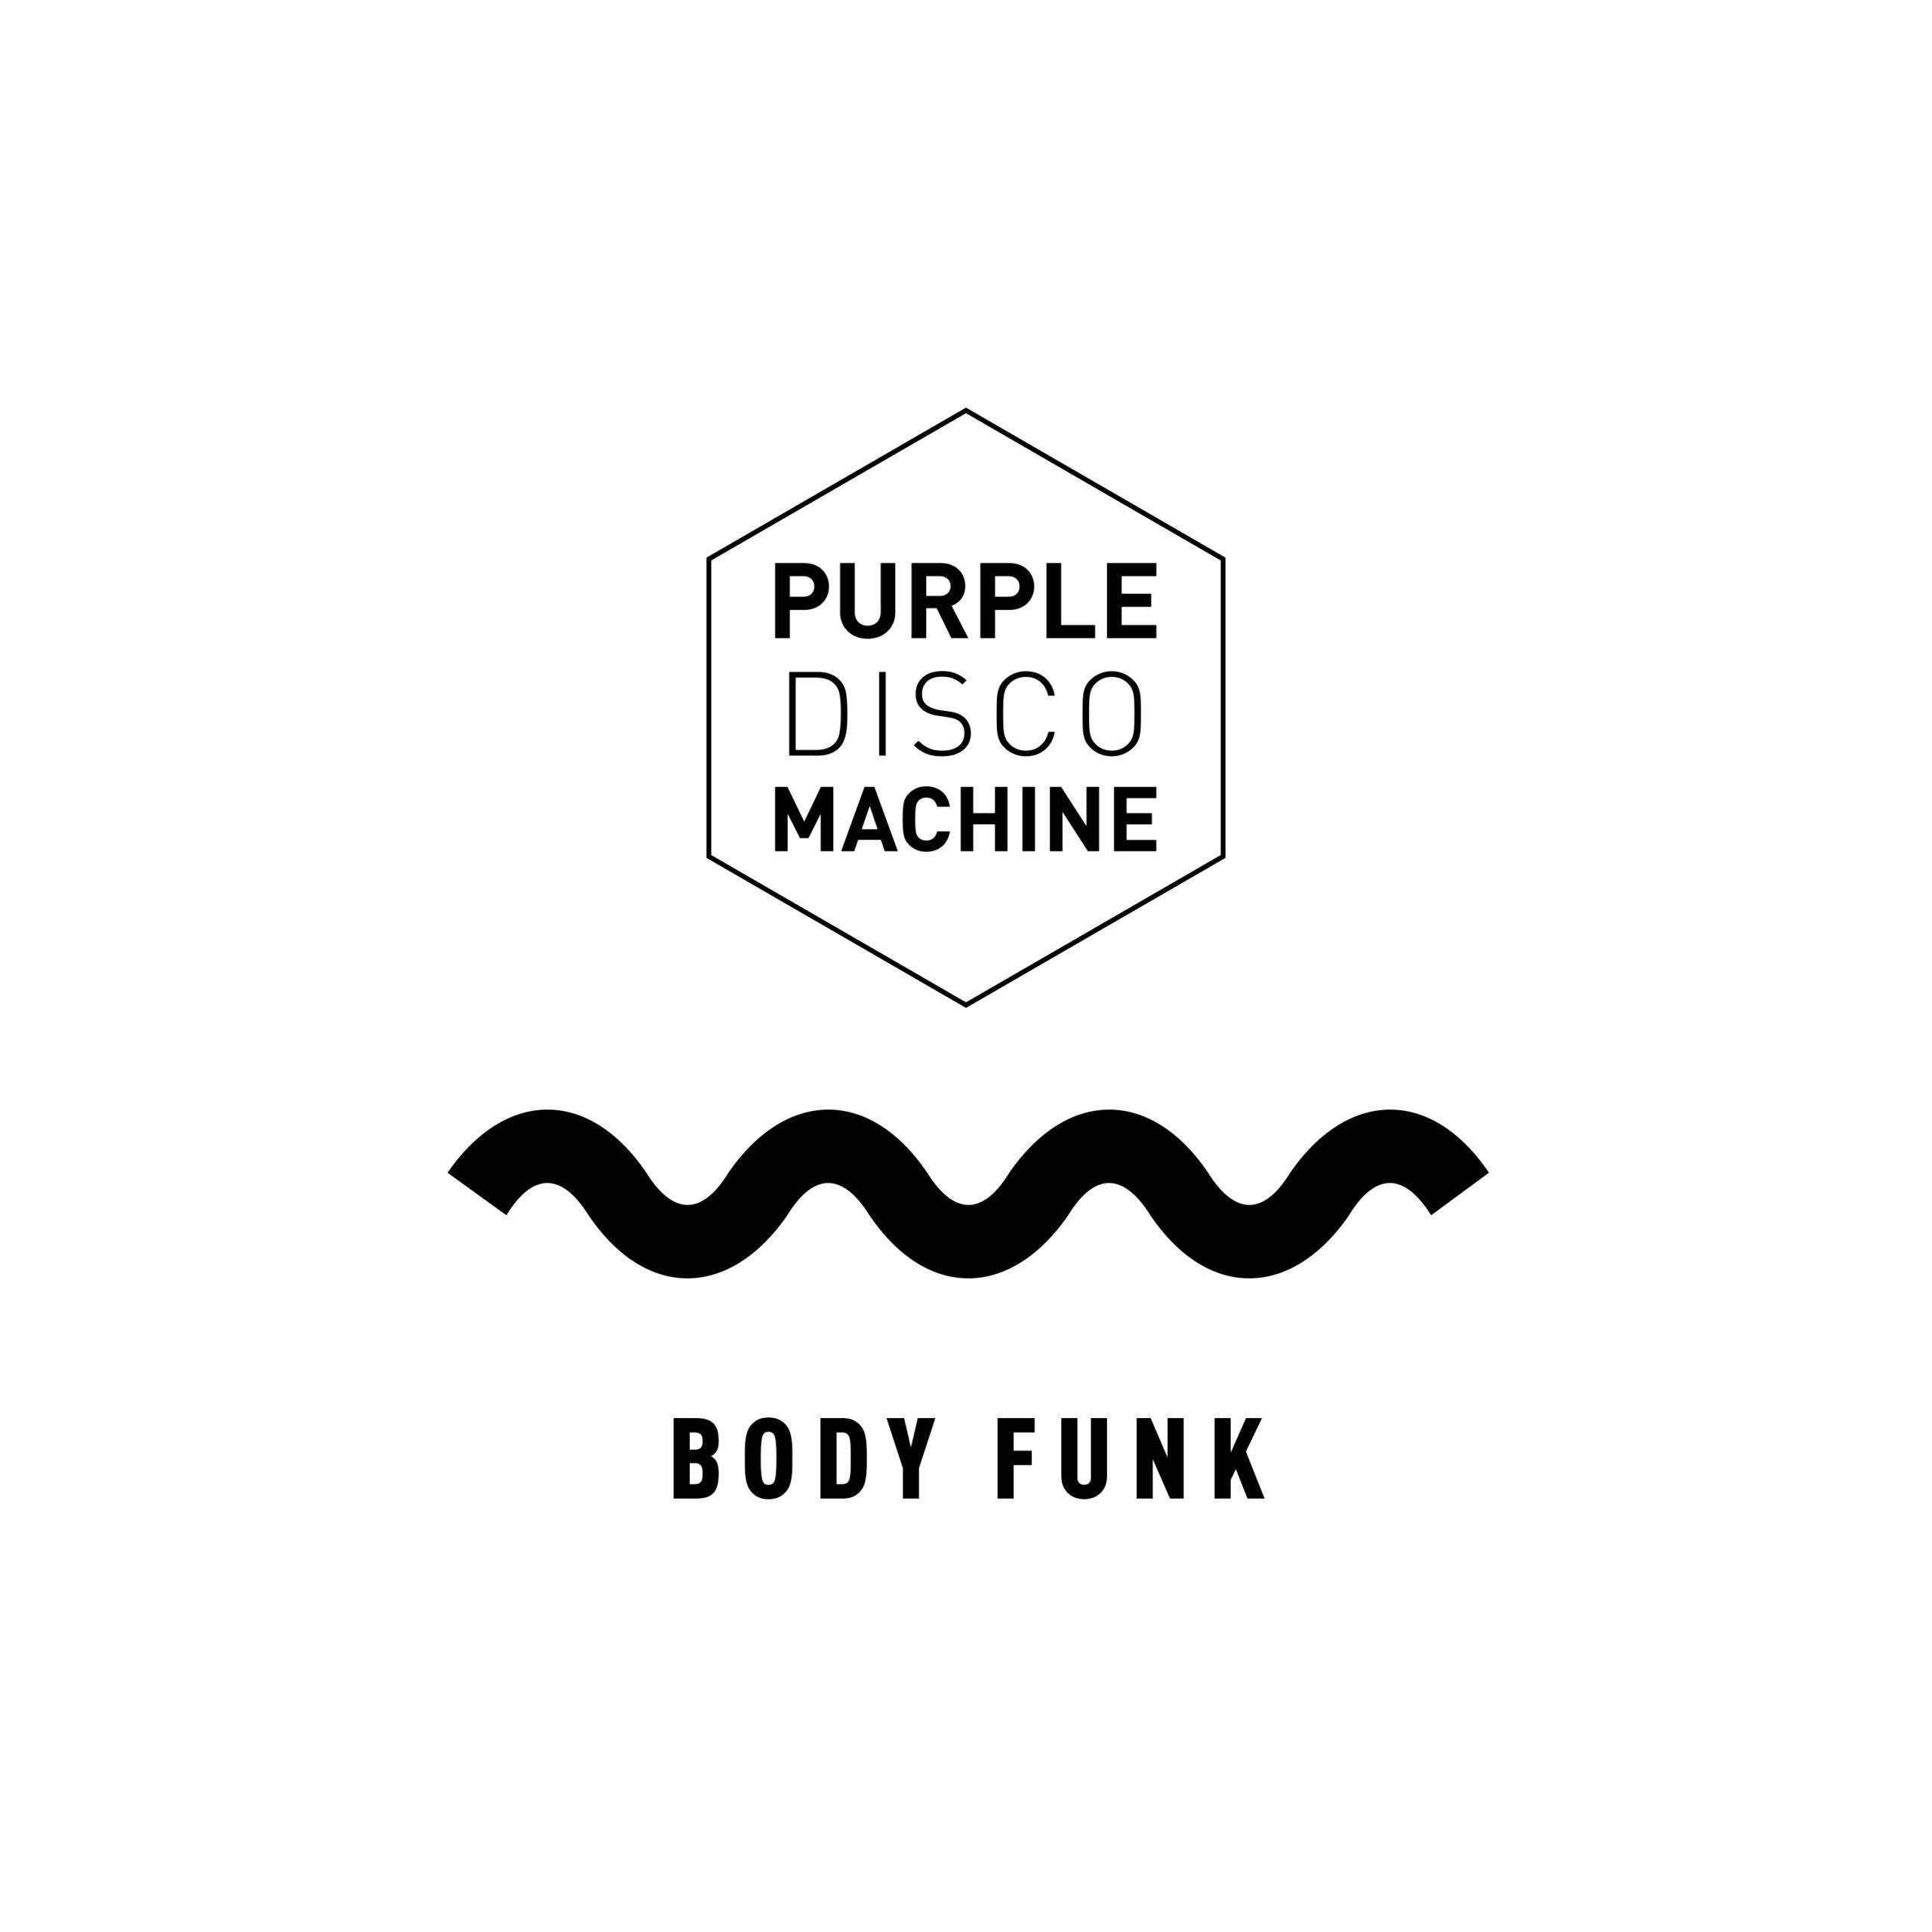 pdm-body-funkpackshotno-logo_2.jpg